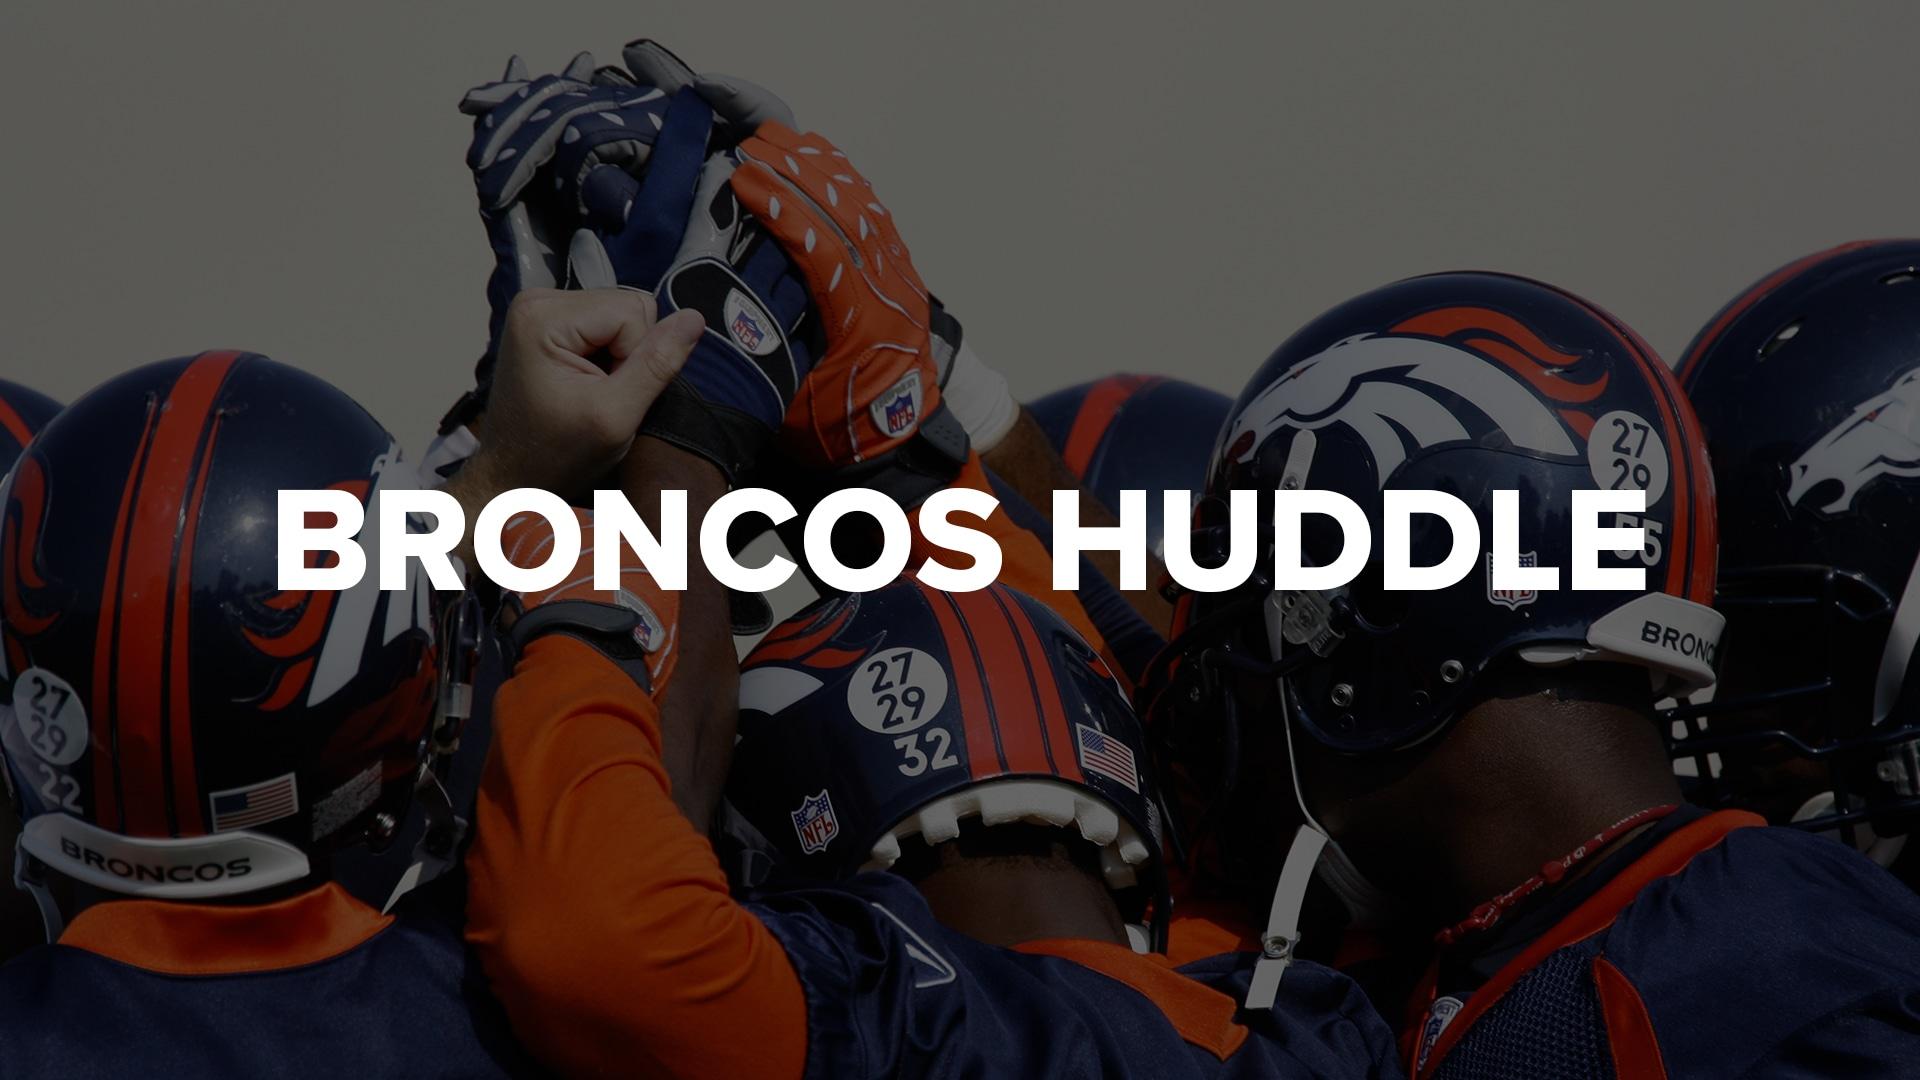 Broncos Huddle